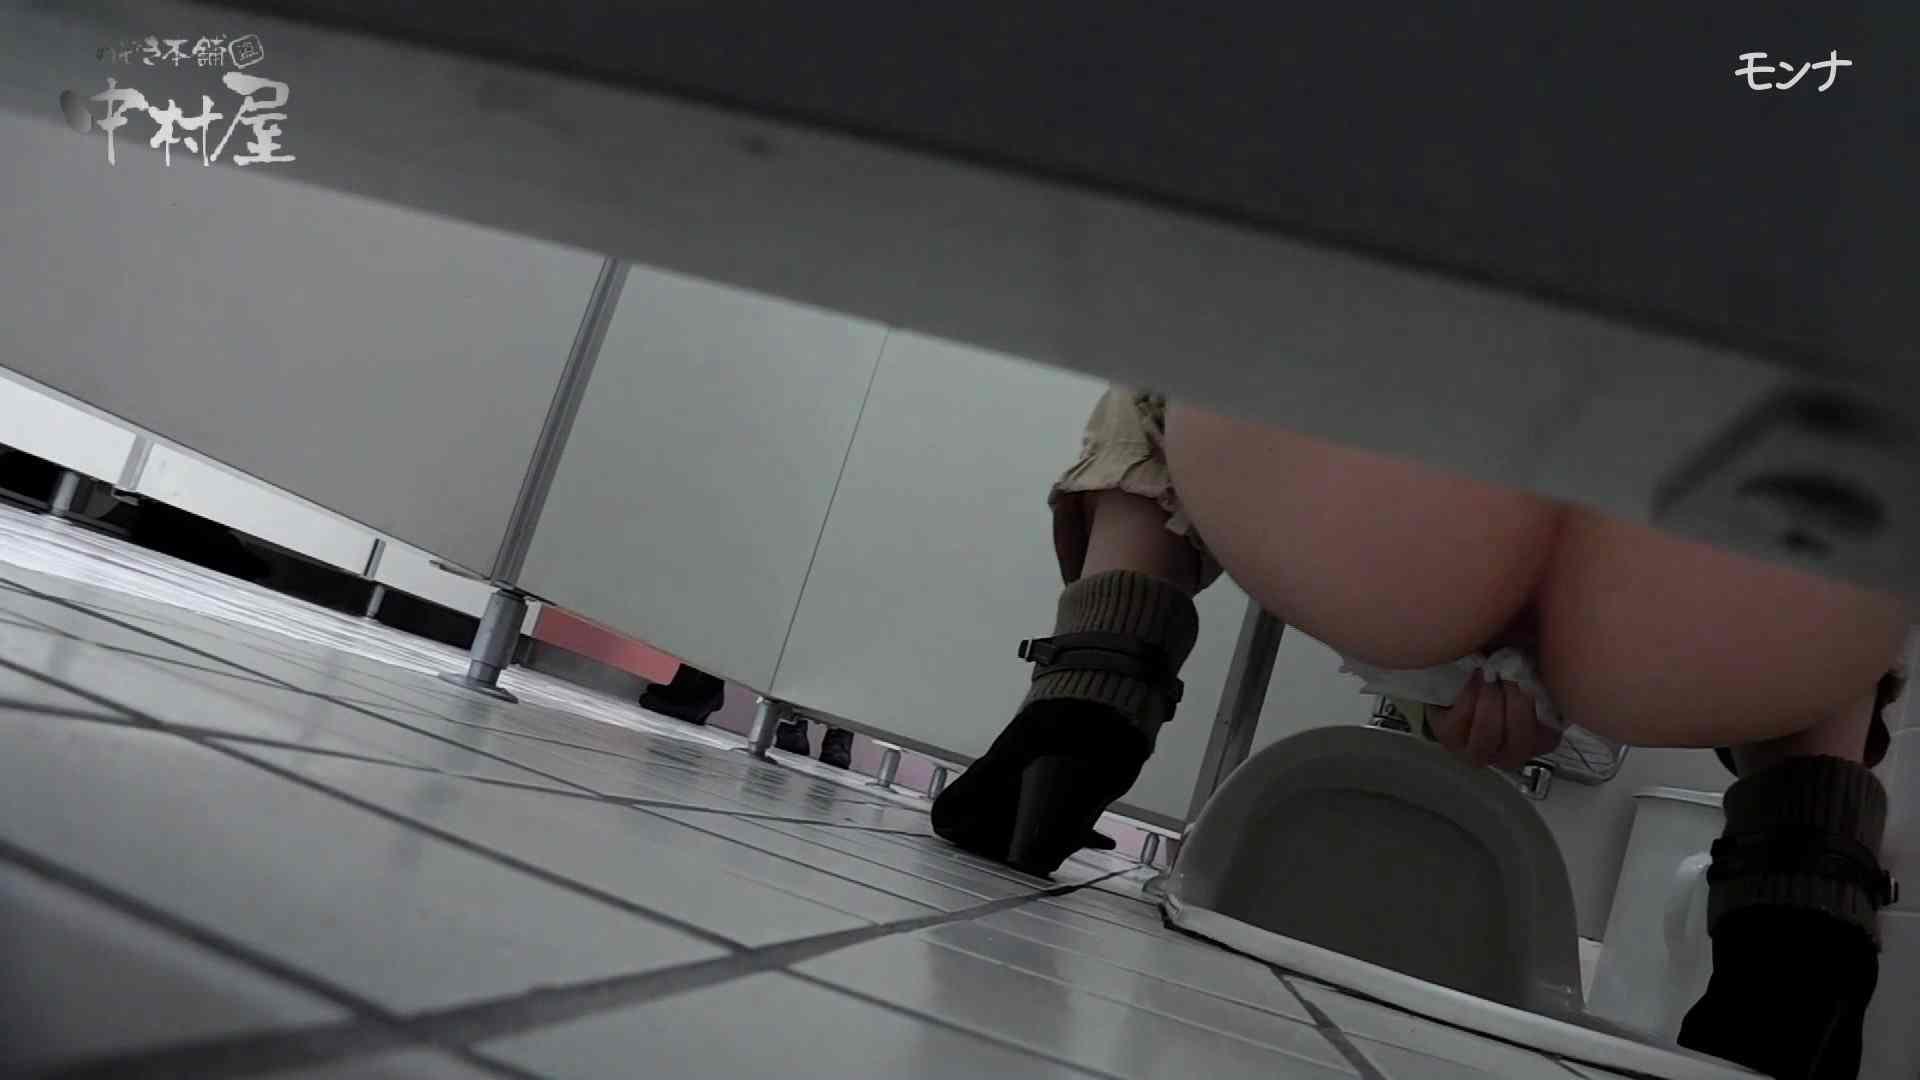 美しい日本の未来 No.49 何があった?カメラ持ちながらみんなの前に!潜り抜け 後編 覗き 盗撮ヌード画像 45PICs 5